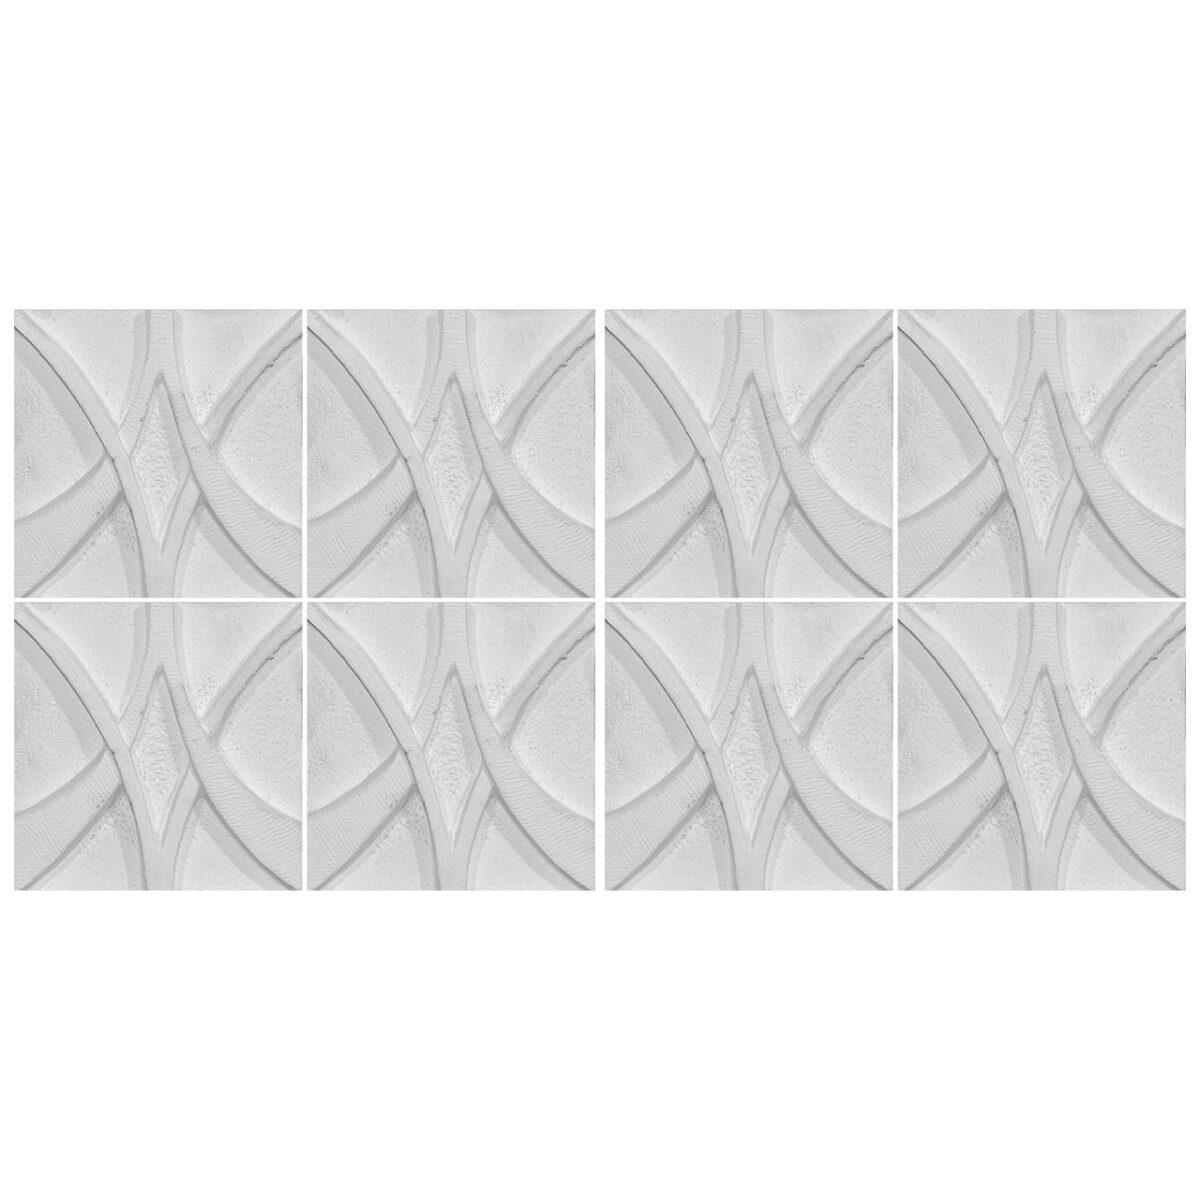 دیوارپوش تندیس و پیکره شهریار مدل آمای کد W1010-10 بسته 8 عددی